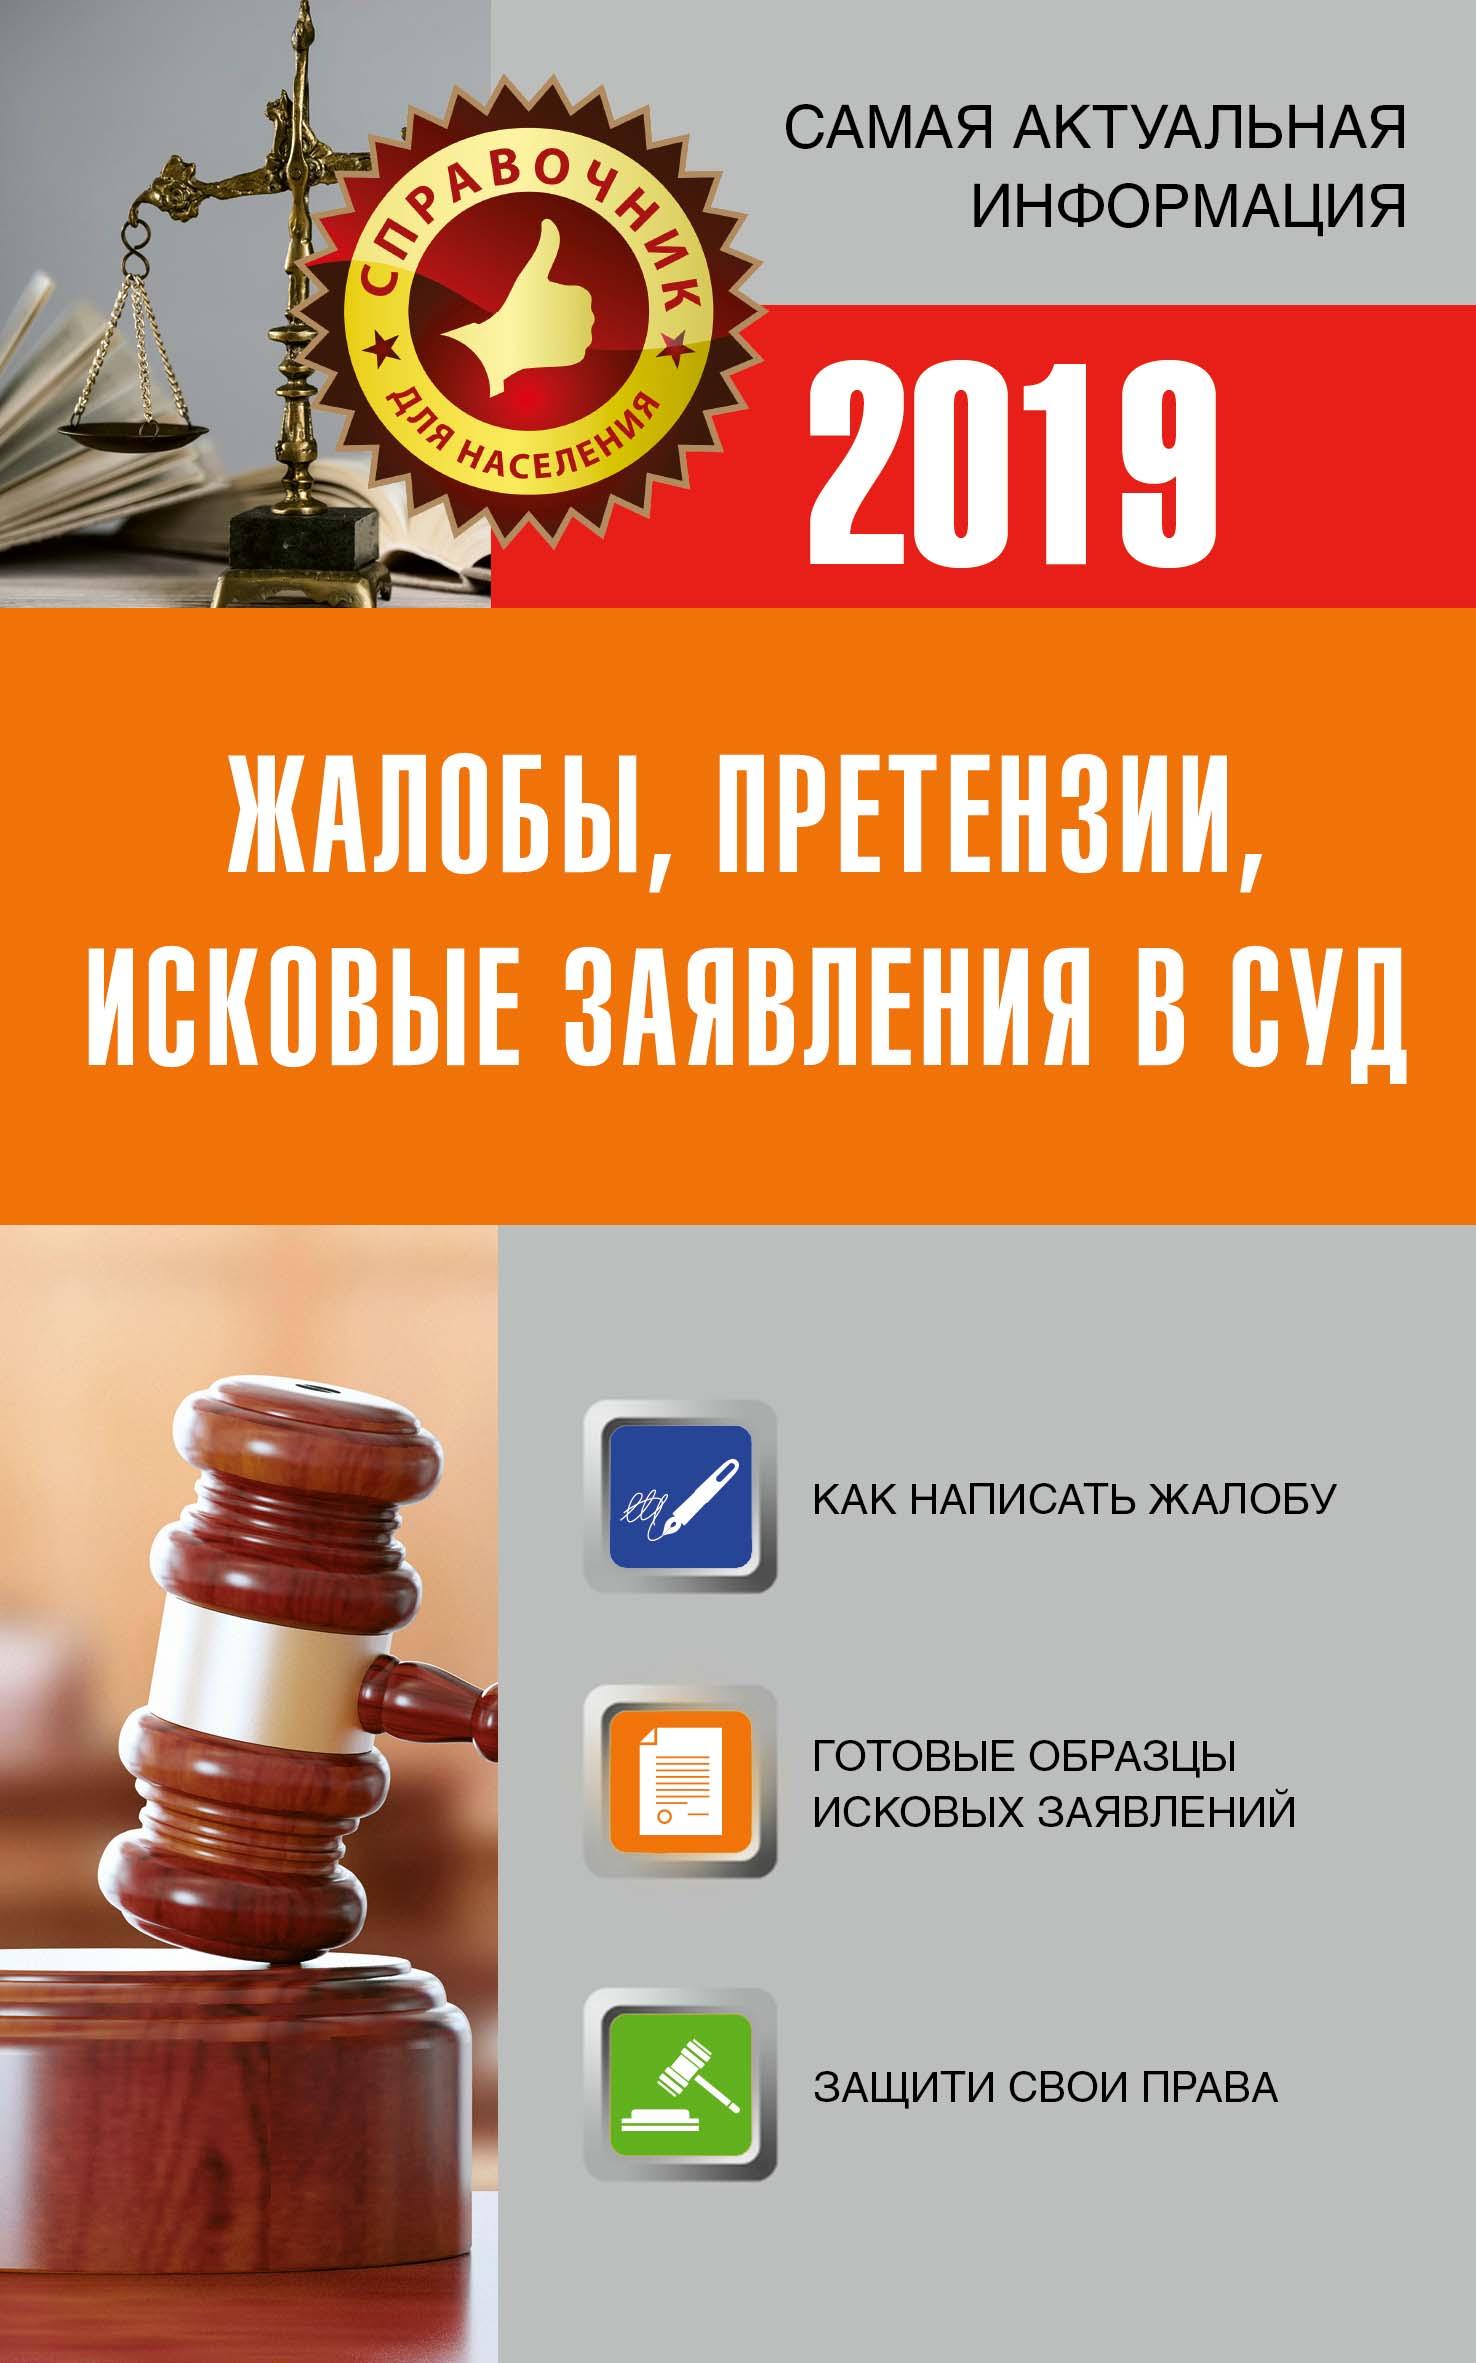 цена на Отсутствует Жалобы, претензии, исковые заявления в суд c образцами заявлений 2019